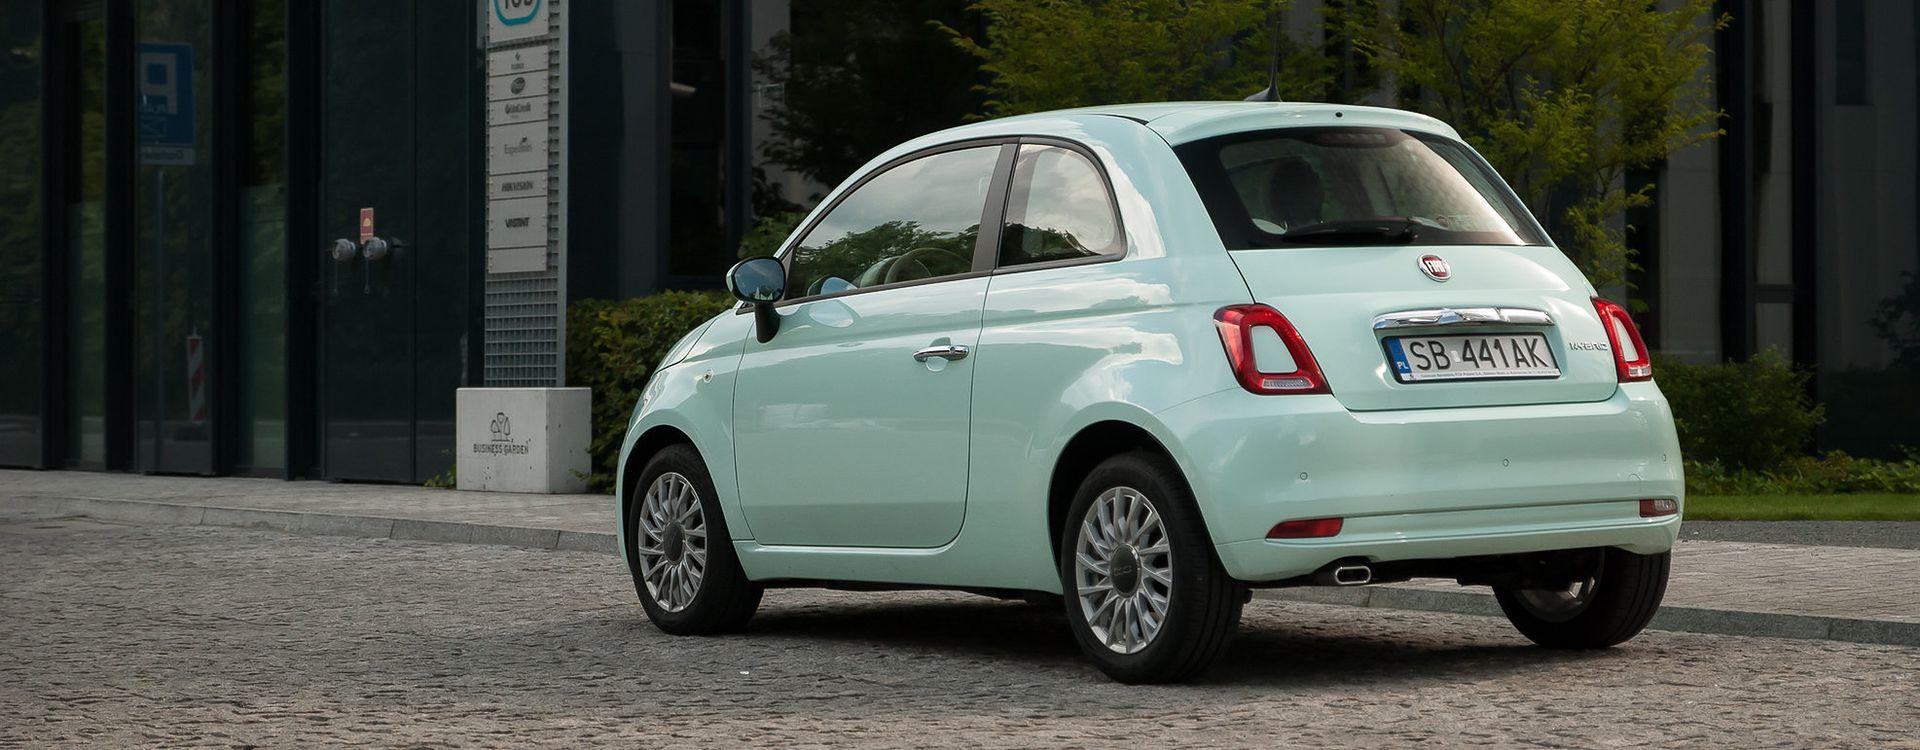 Hybrydowy Fiat 500 otrzymał garść usprawnień i dobrze radzący sobie w mieście, litrowy silnik